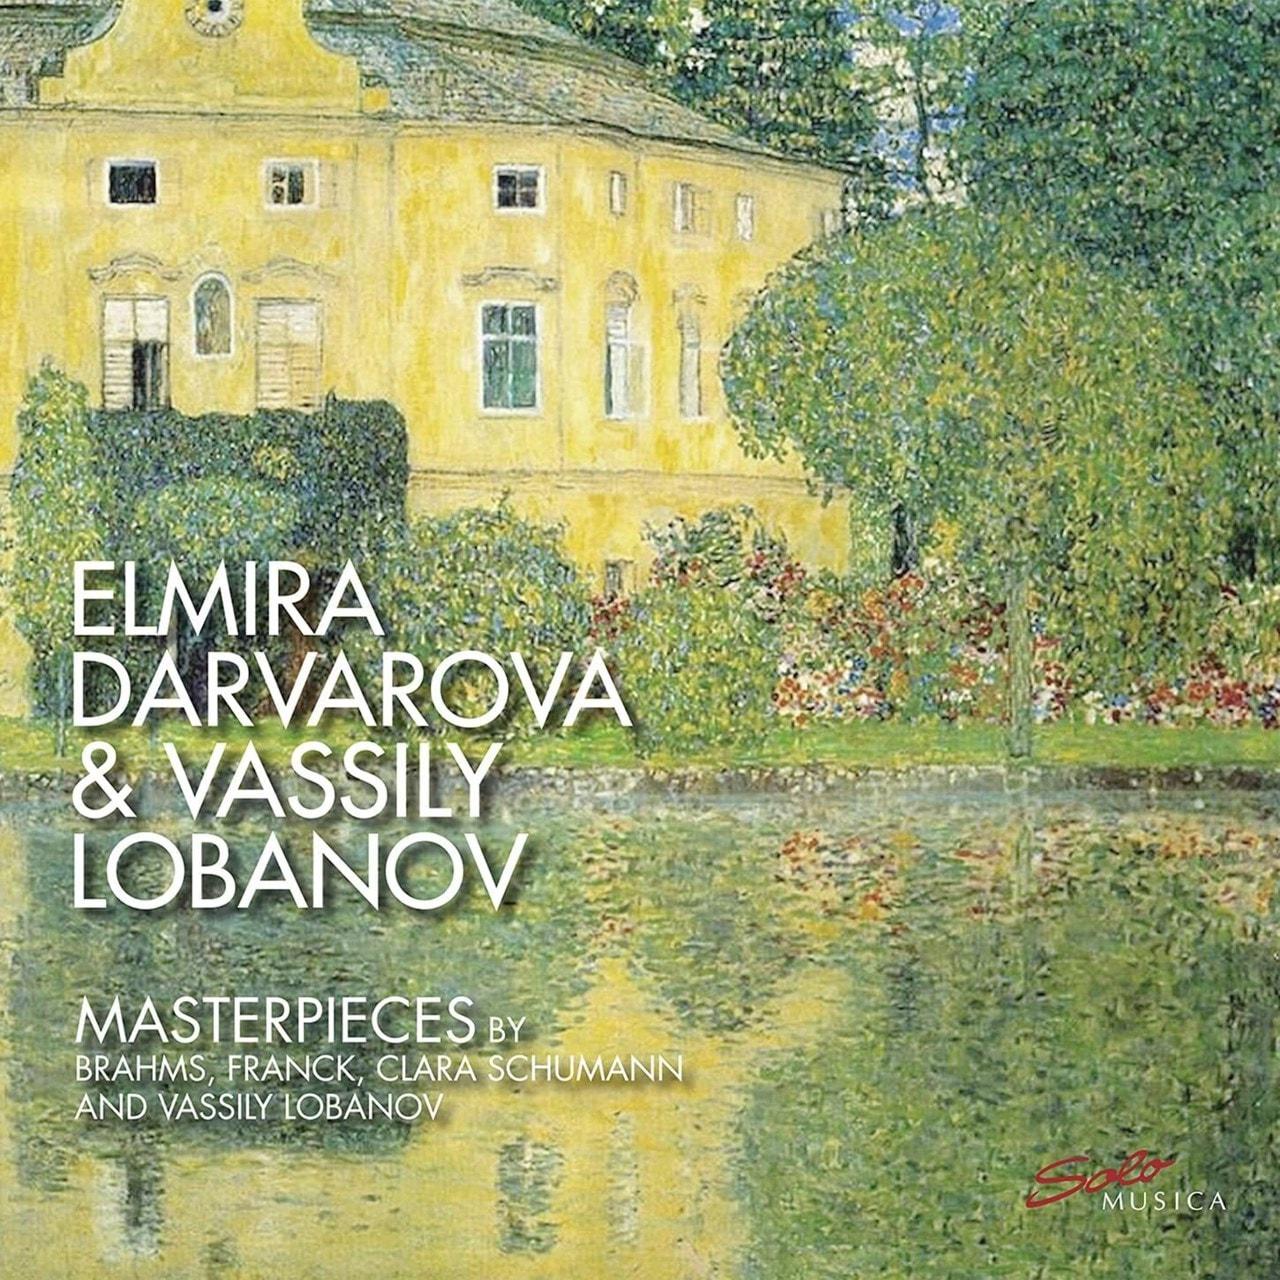 Elmira Darvarova & Vassily Lobanov: Masterpieces - 1